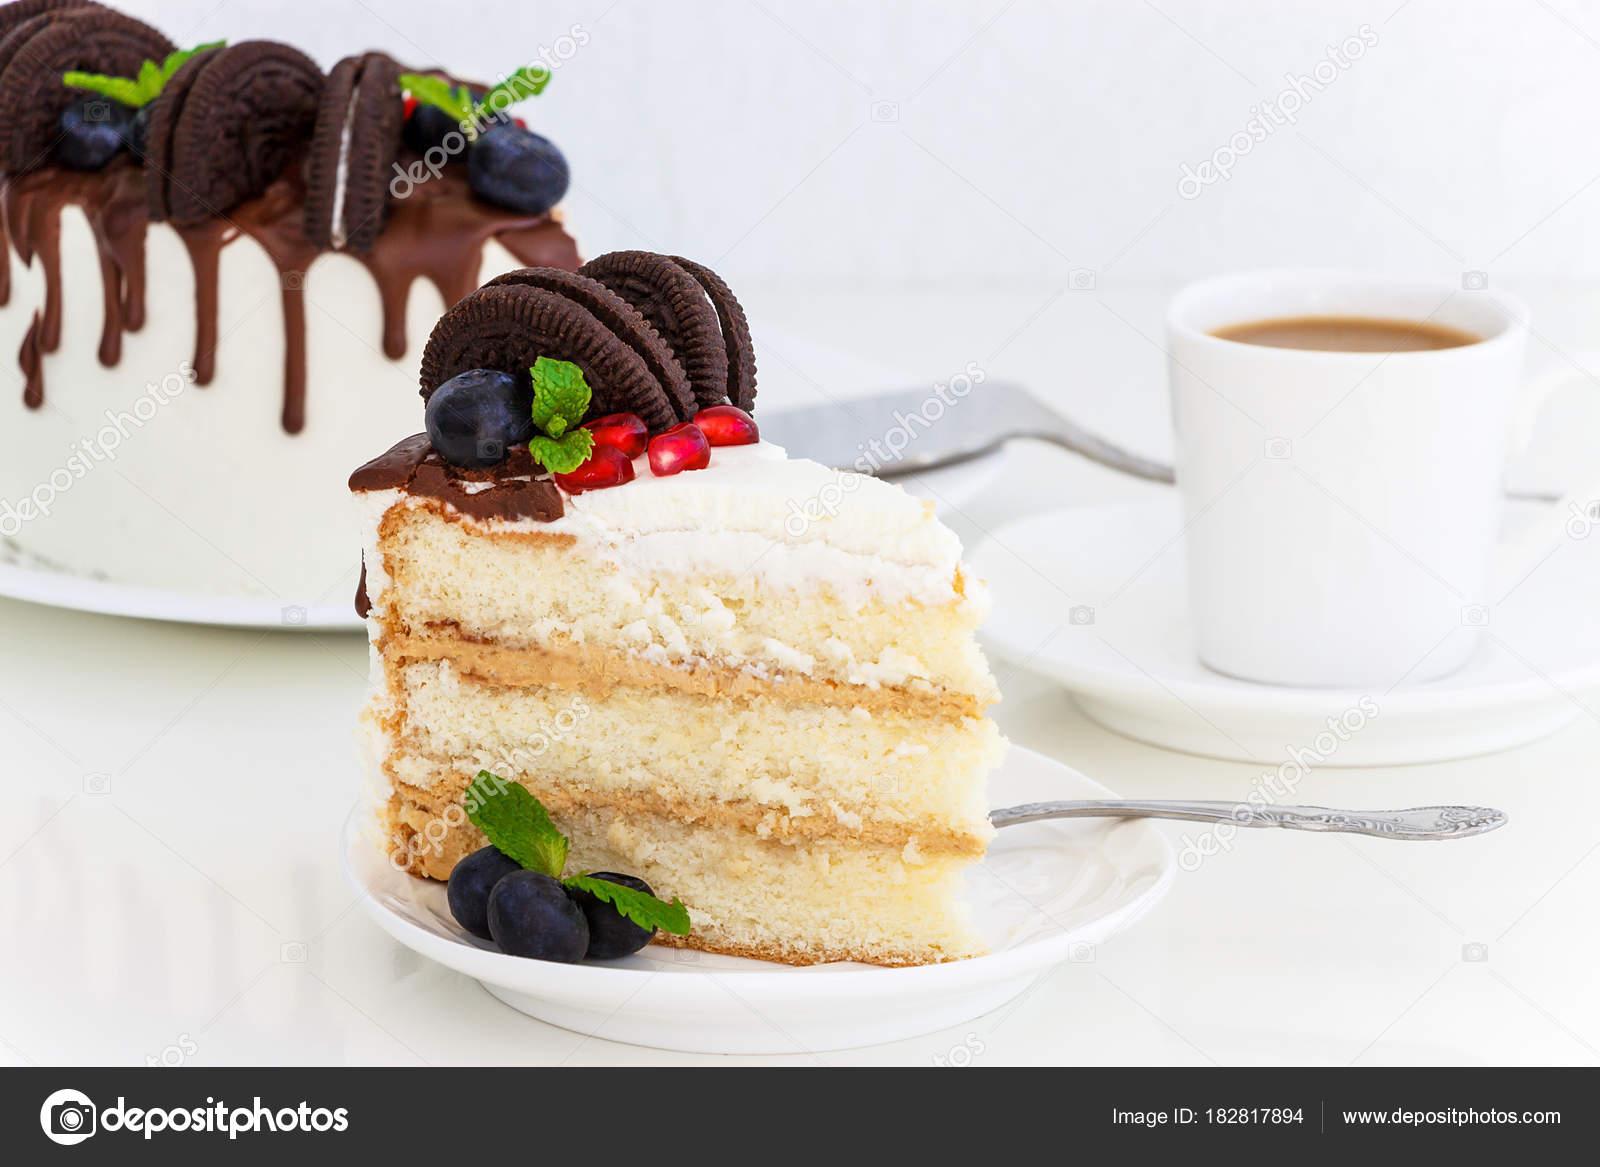 Stuck Vanille Torte Mit Frischen Beeren Frischkase Und Schokolade